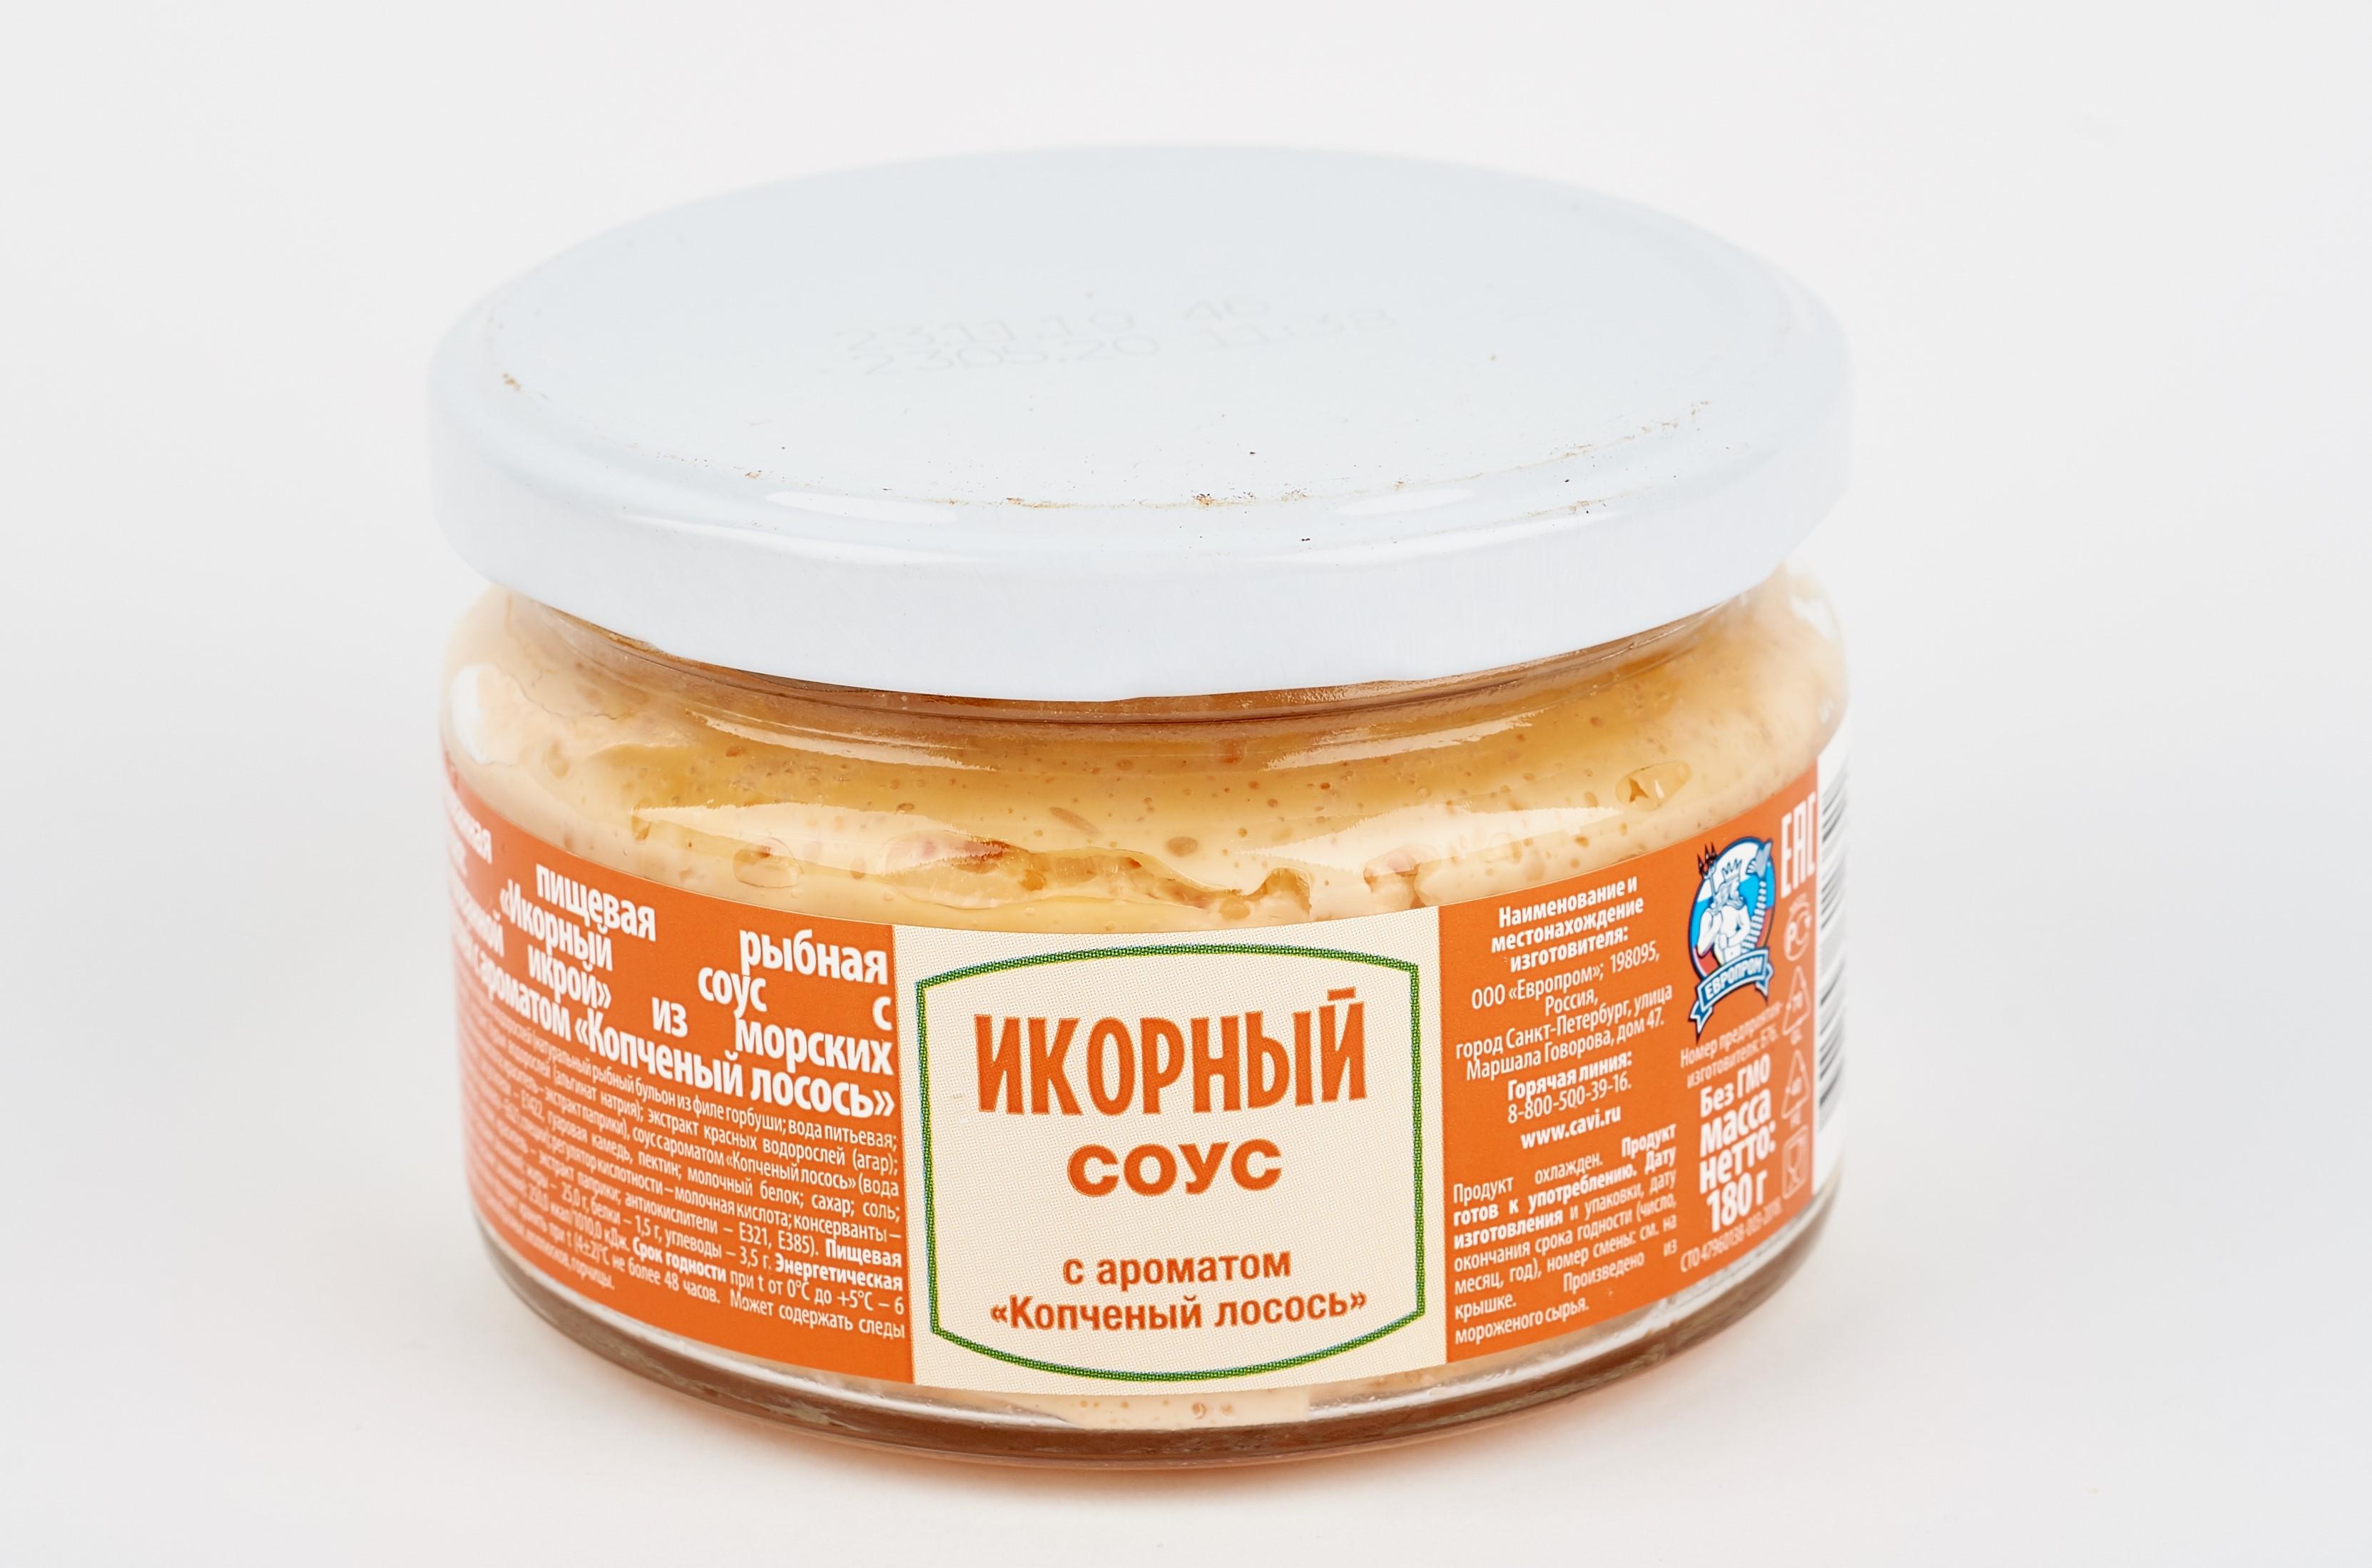 Икорный соус с ароматом копченого лосося 180гр